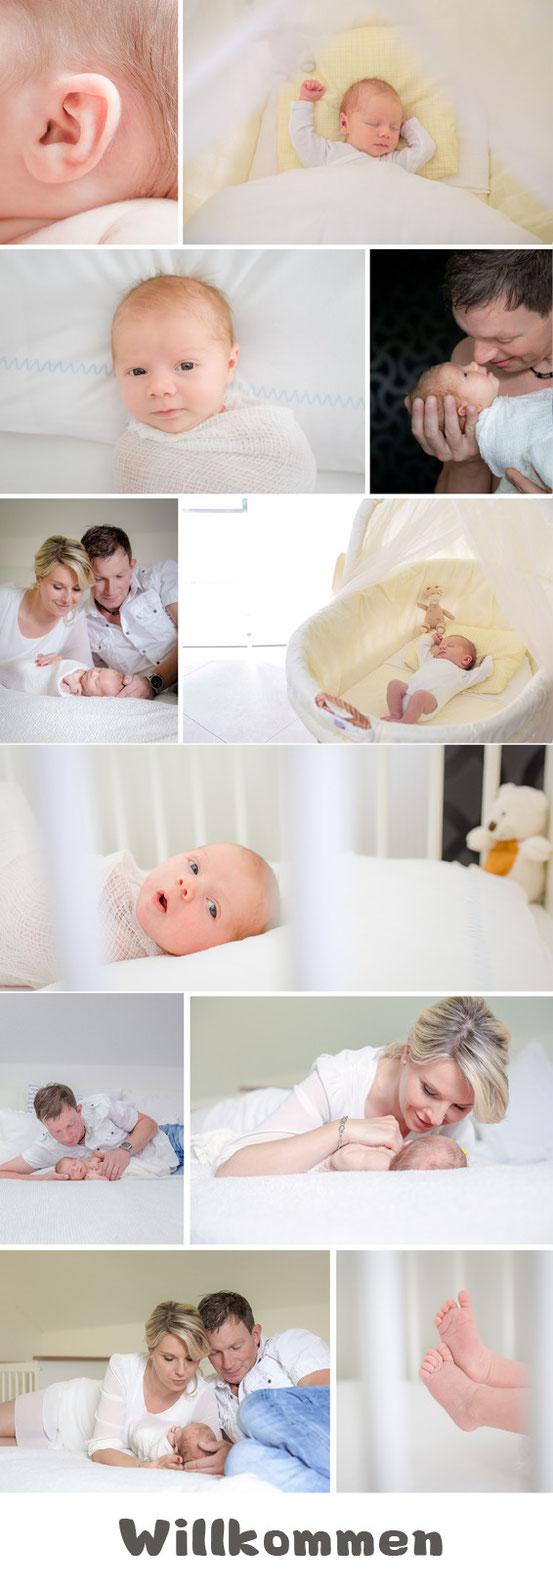 Baby Kinder Neugeborenen Familien und Hochzeitsfotografie Lichtbildkuenstlerei Homeshooting Lifestyle Reportage Newborn Fotograf Zwickau Hebamme Rettke